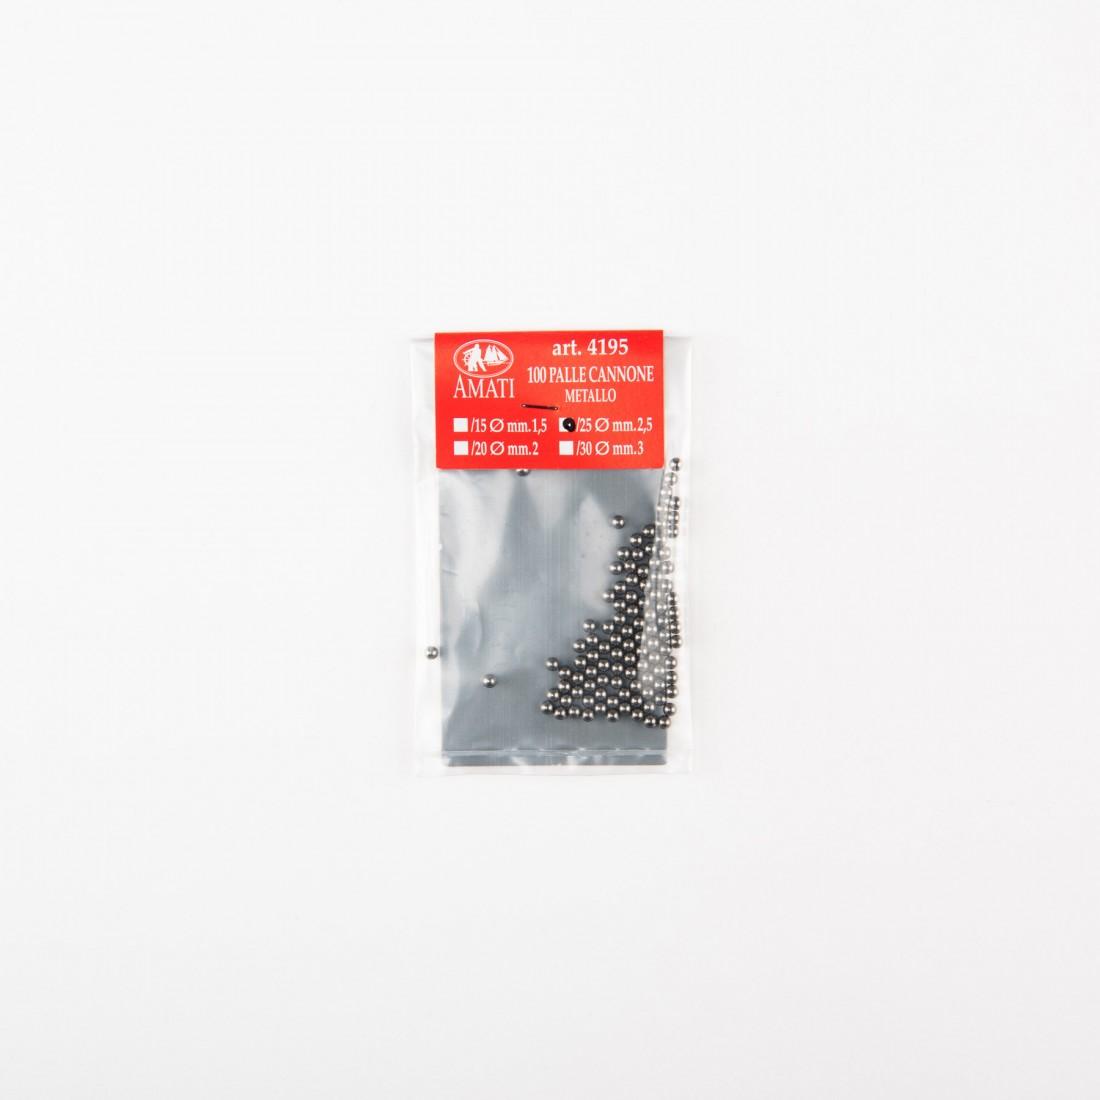 Bolas de cañon de metal mm.2,5